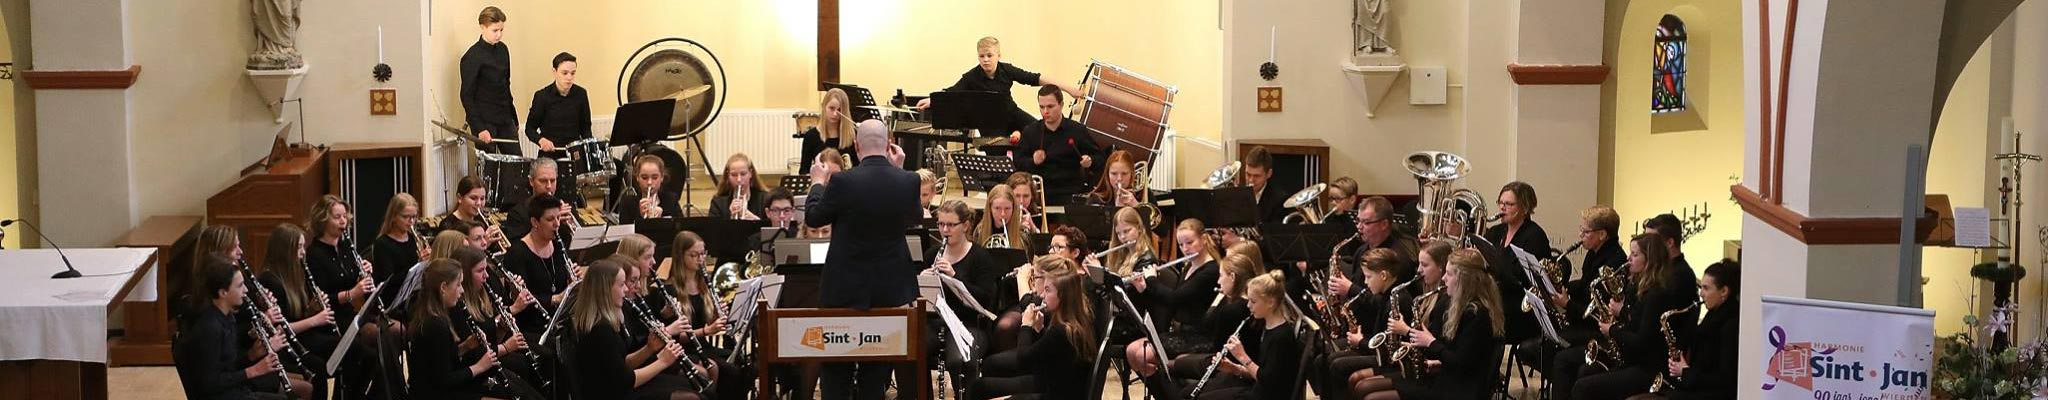 b-orkest-harmonie-sint-jan-wierden